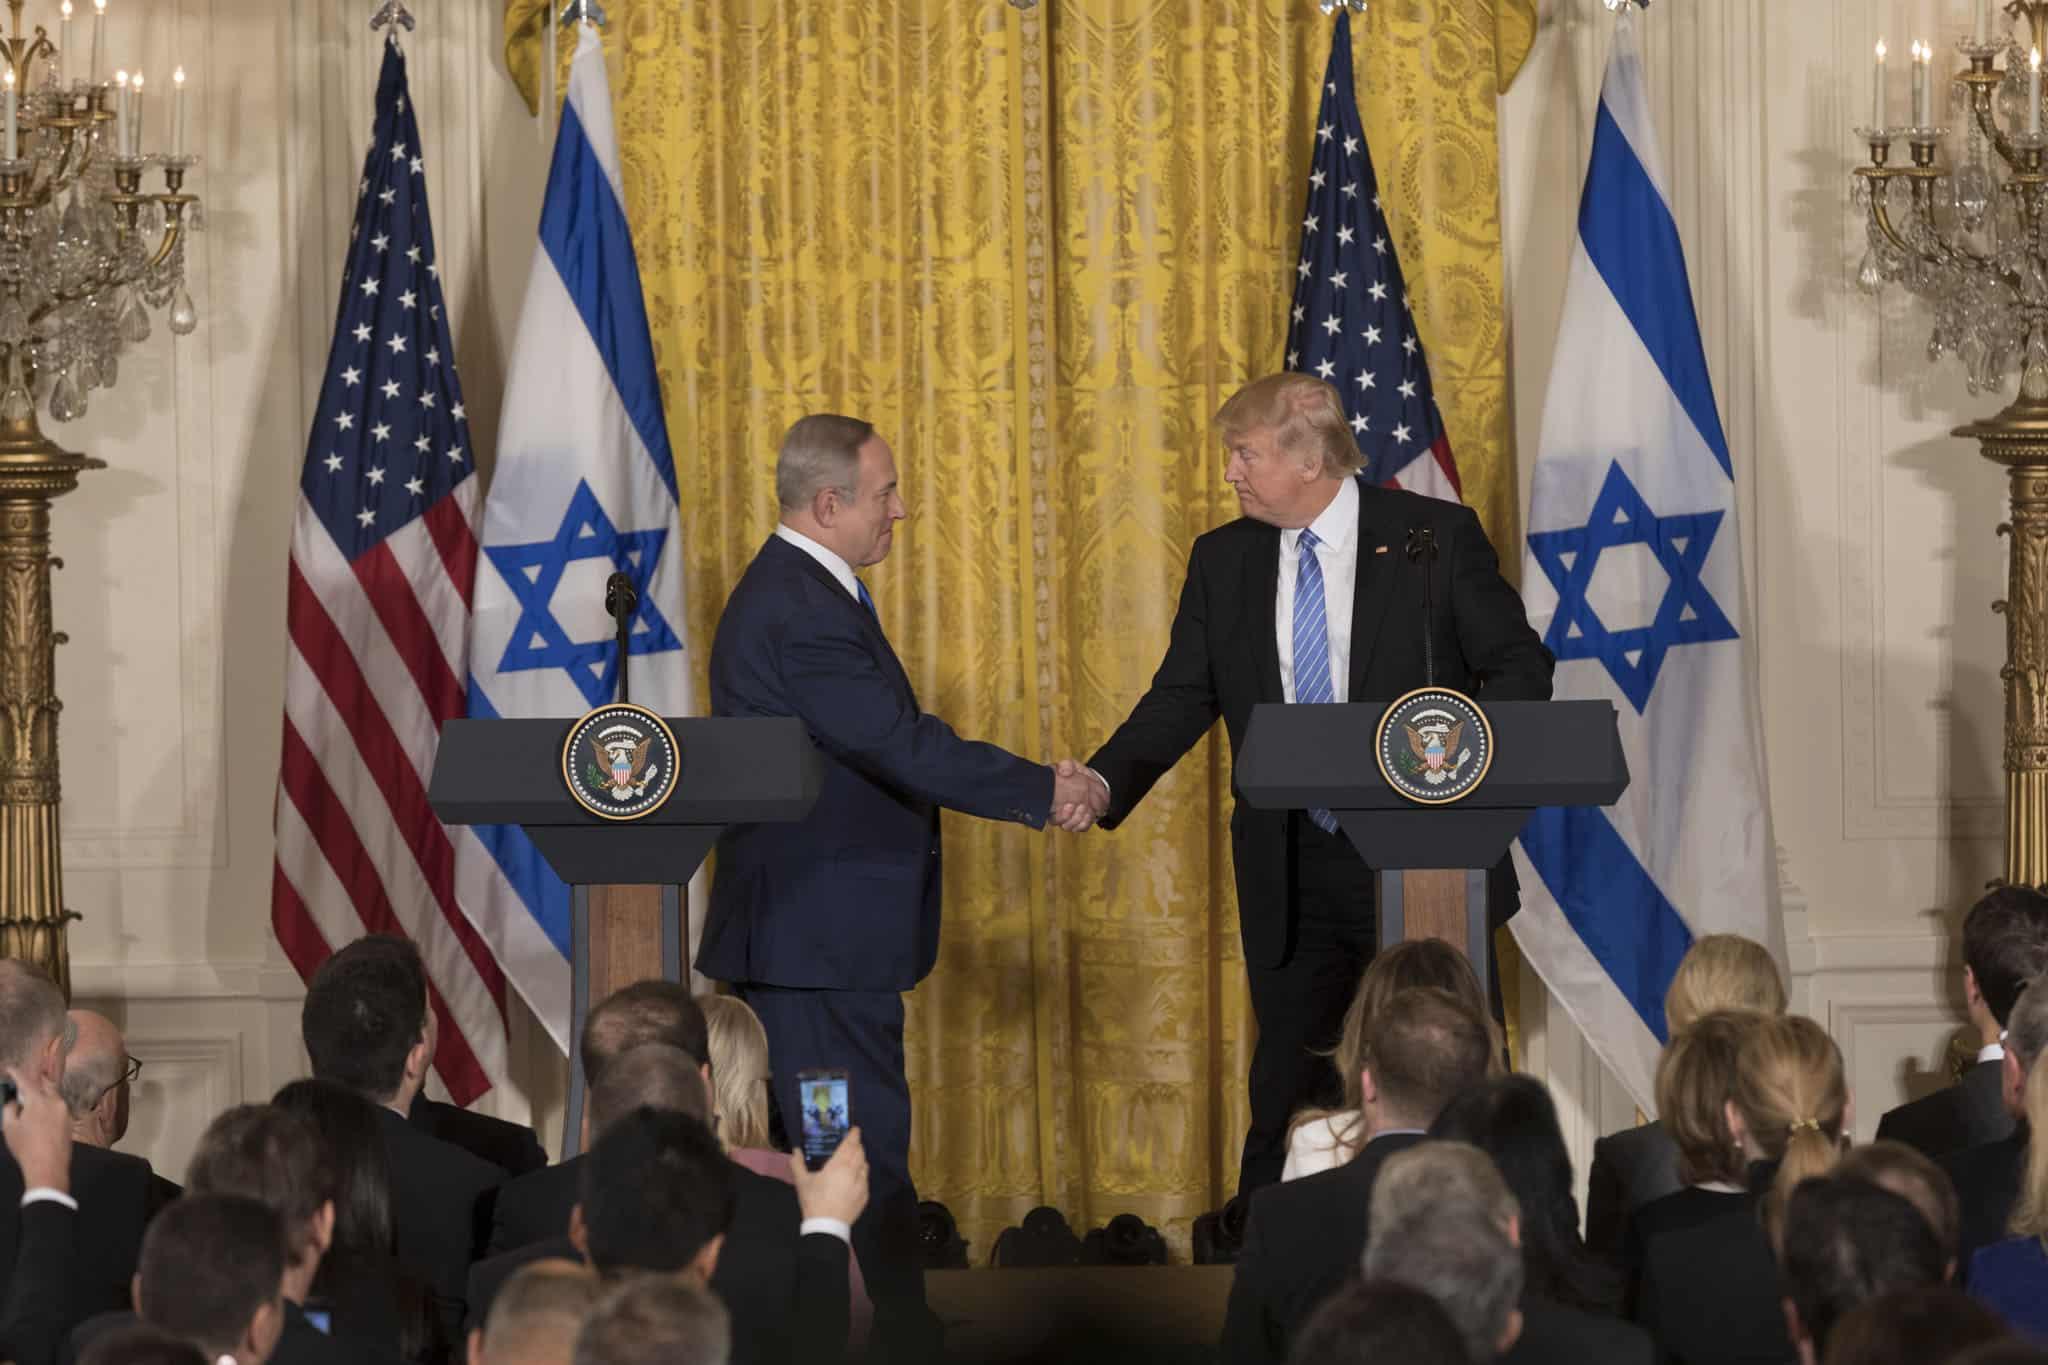 Le président Donald Trump et le Premier ministre israélien Benjamin Netanyahu se serrent la main lors de leur conférence de presse conjointe, le mercredi 15 février 2017, dans la salle Est de la Maison Blanche à Washington, DC (Photo officielle de la Maison Blanche par Benjamin D. Applebaum)